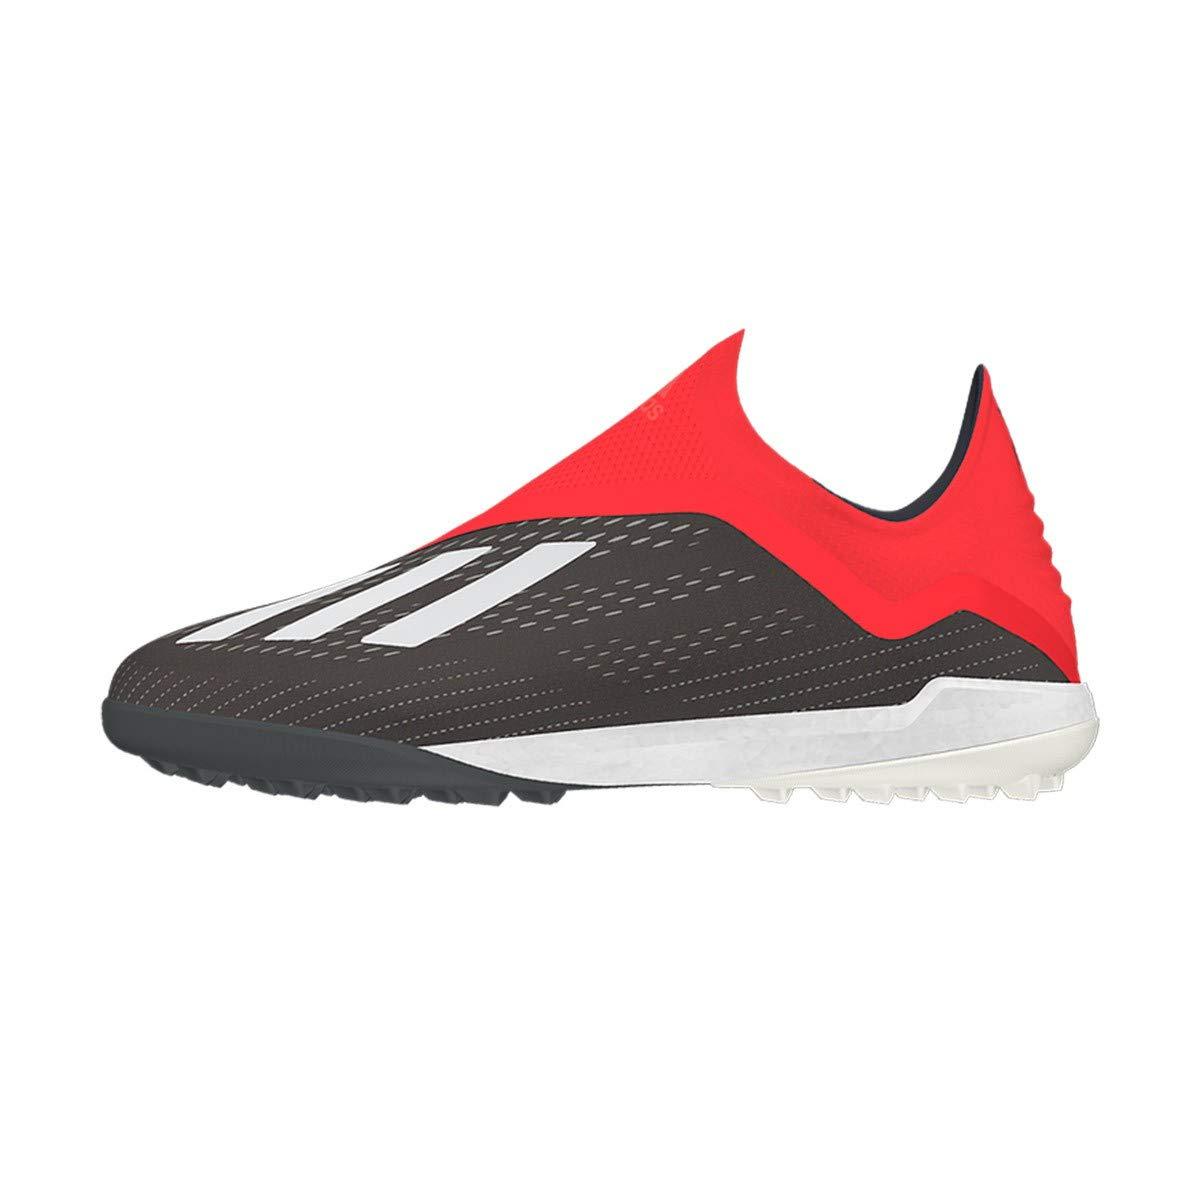 Adidas Performance X 18+ TF Fußballschuh Herren